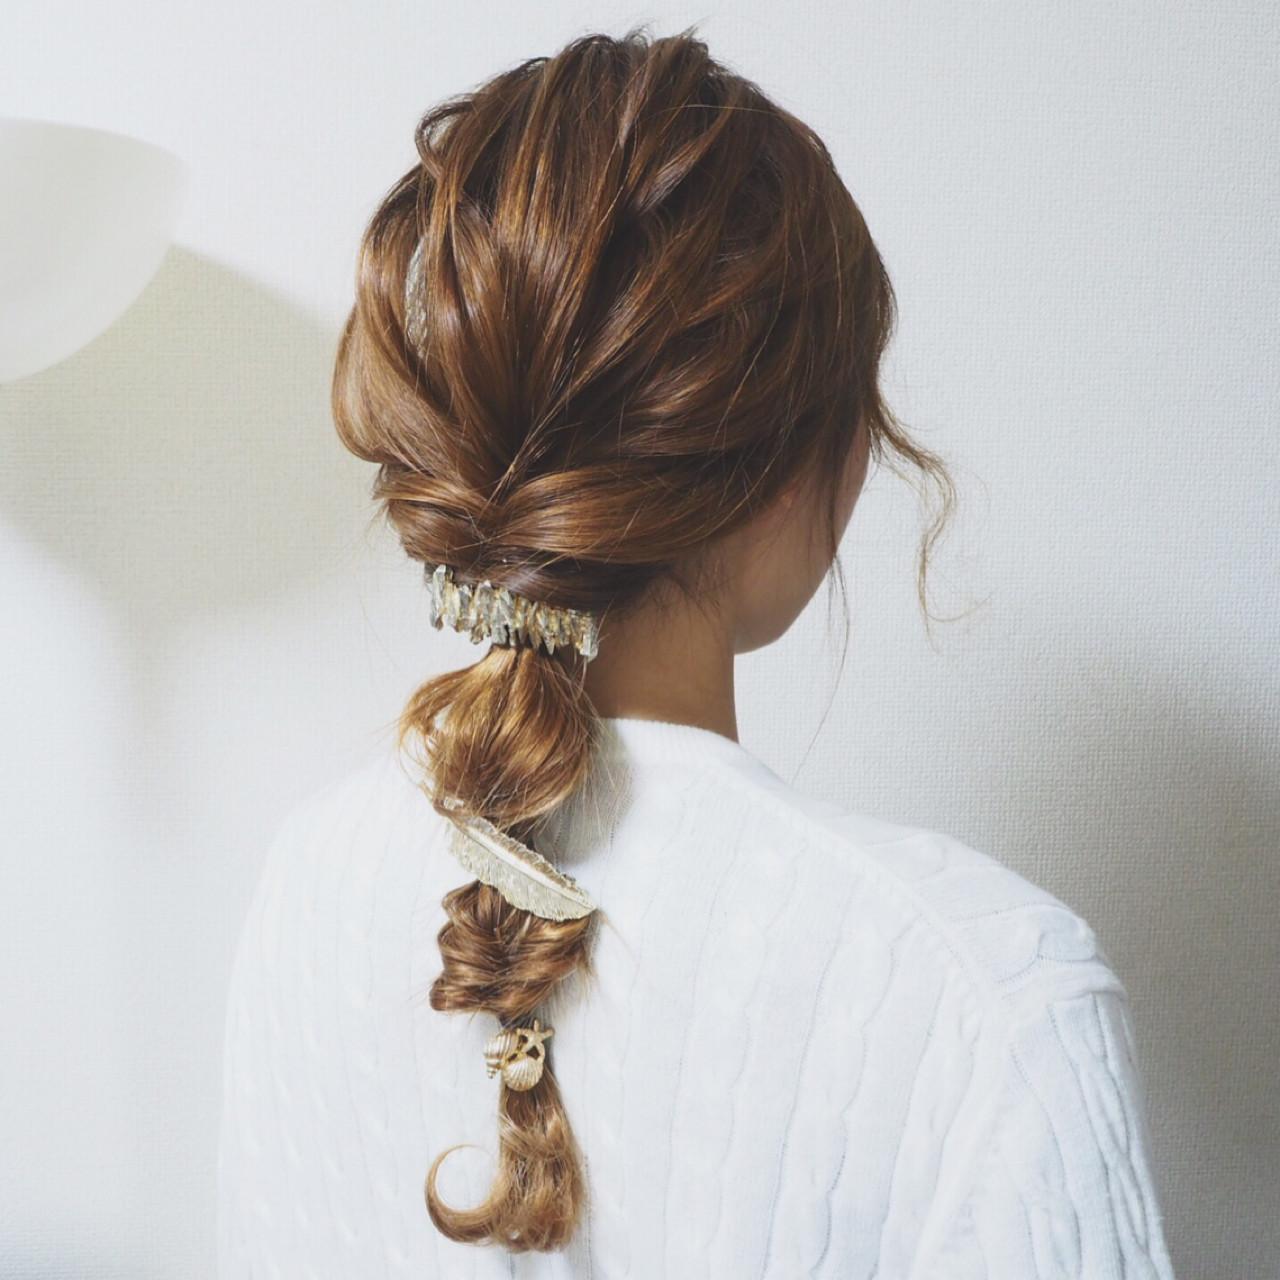 モテ髪 簡単ヘアアレンジ 大人かわいい 愛され ヘアスタイルや髪型の写真・画像